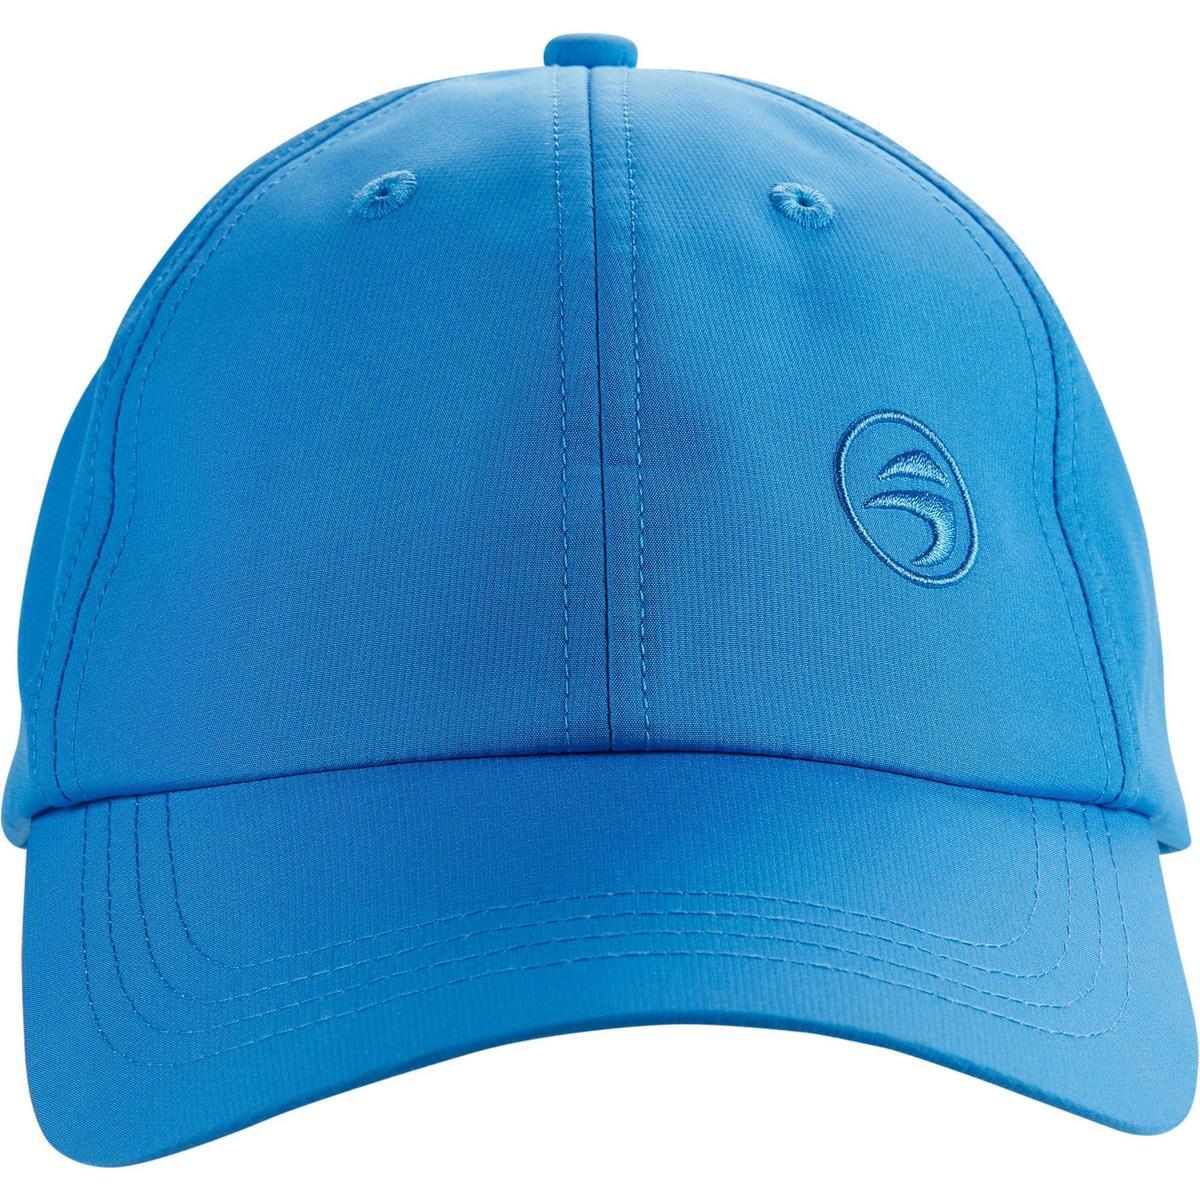 Bild 2 von Golf Cap Erwachsene blau